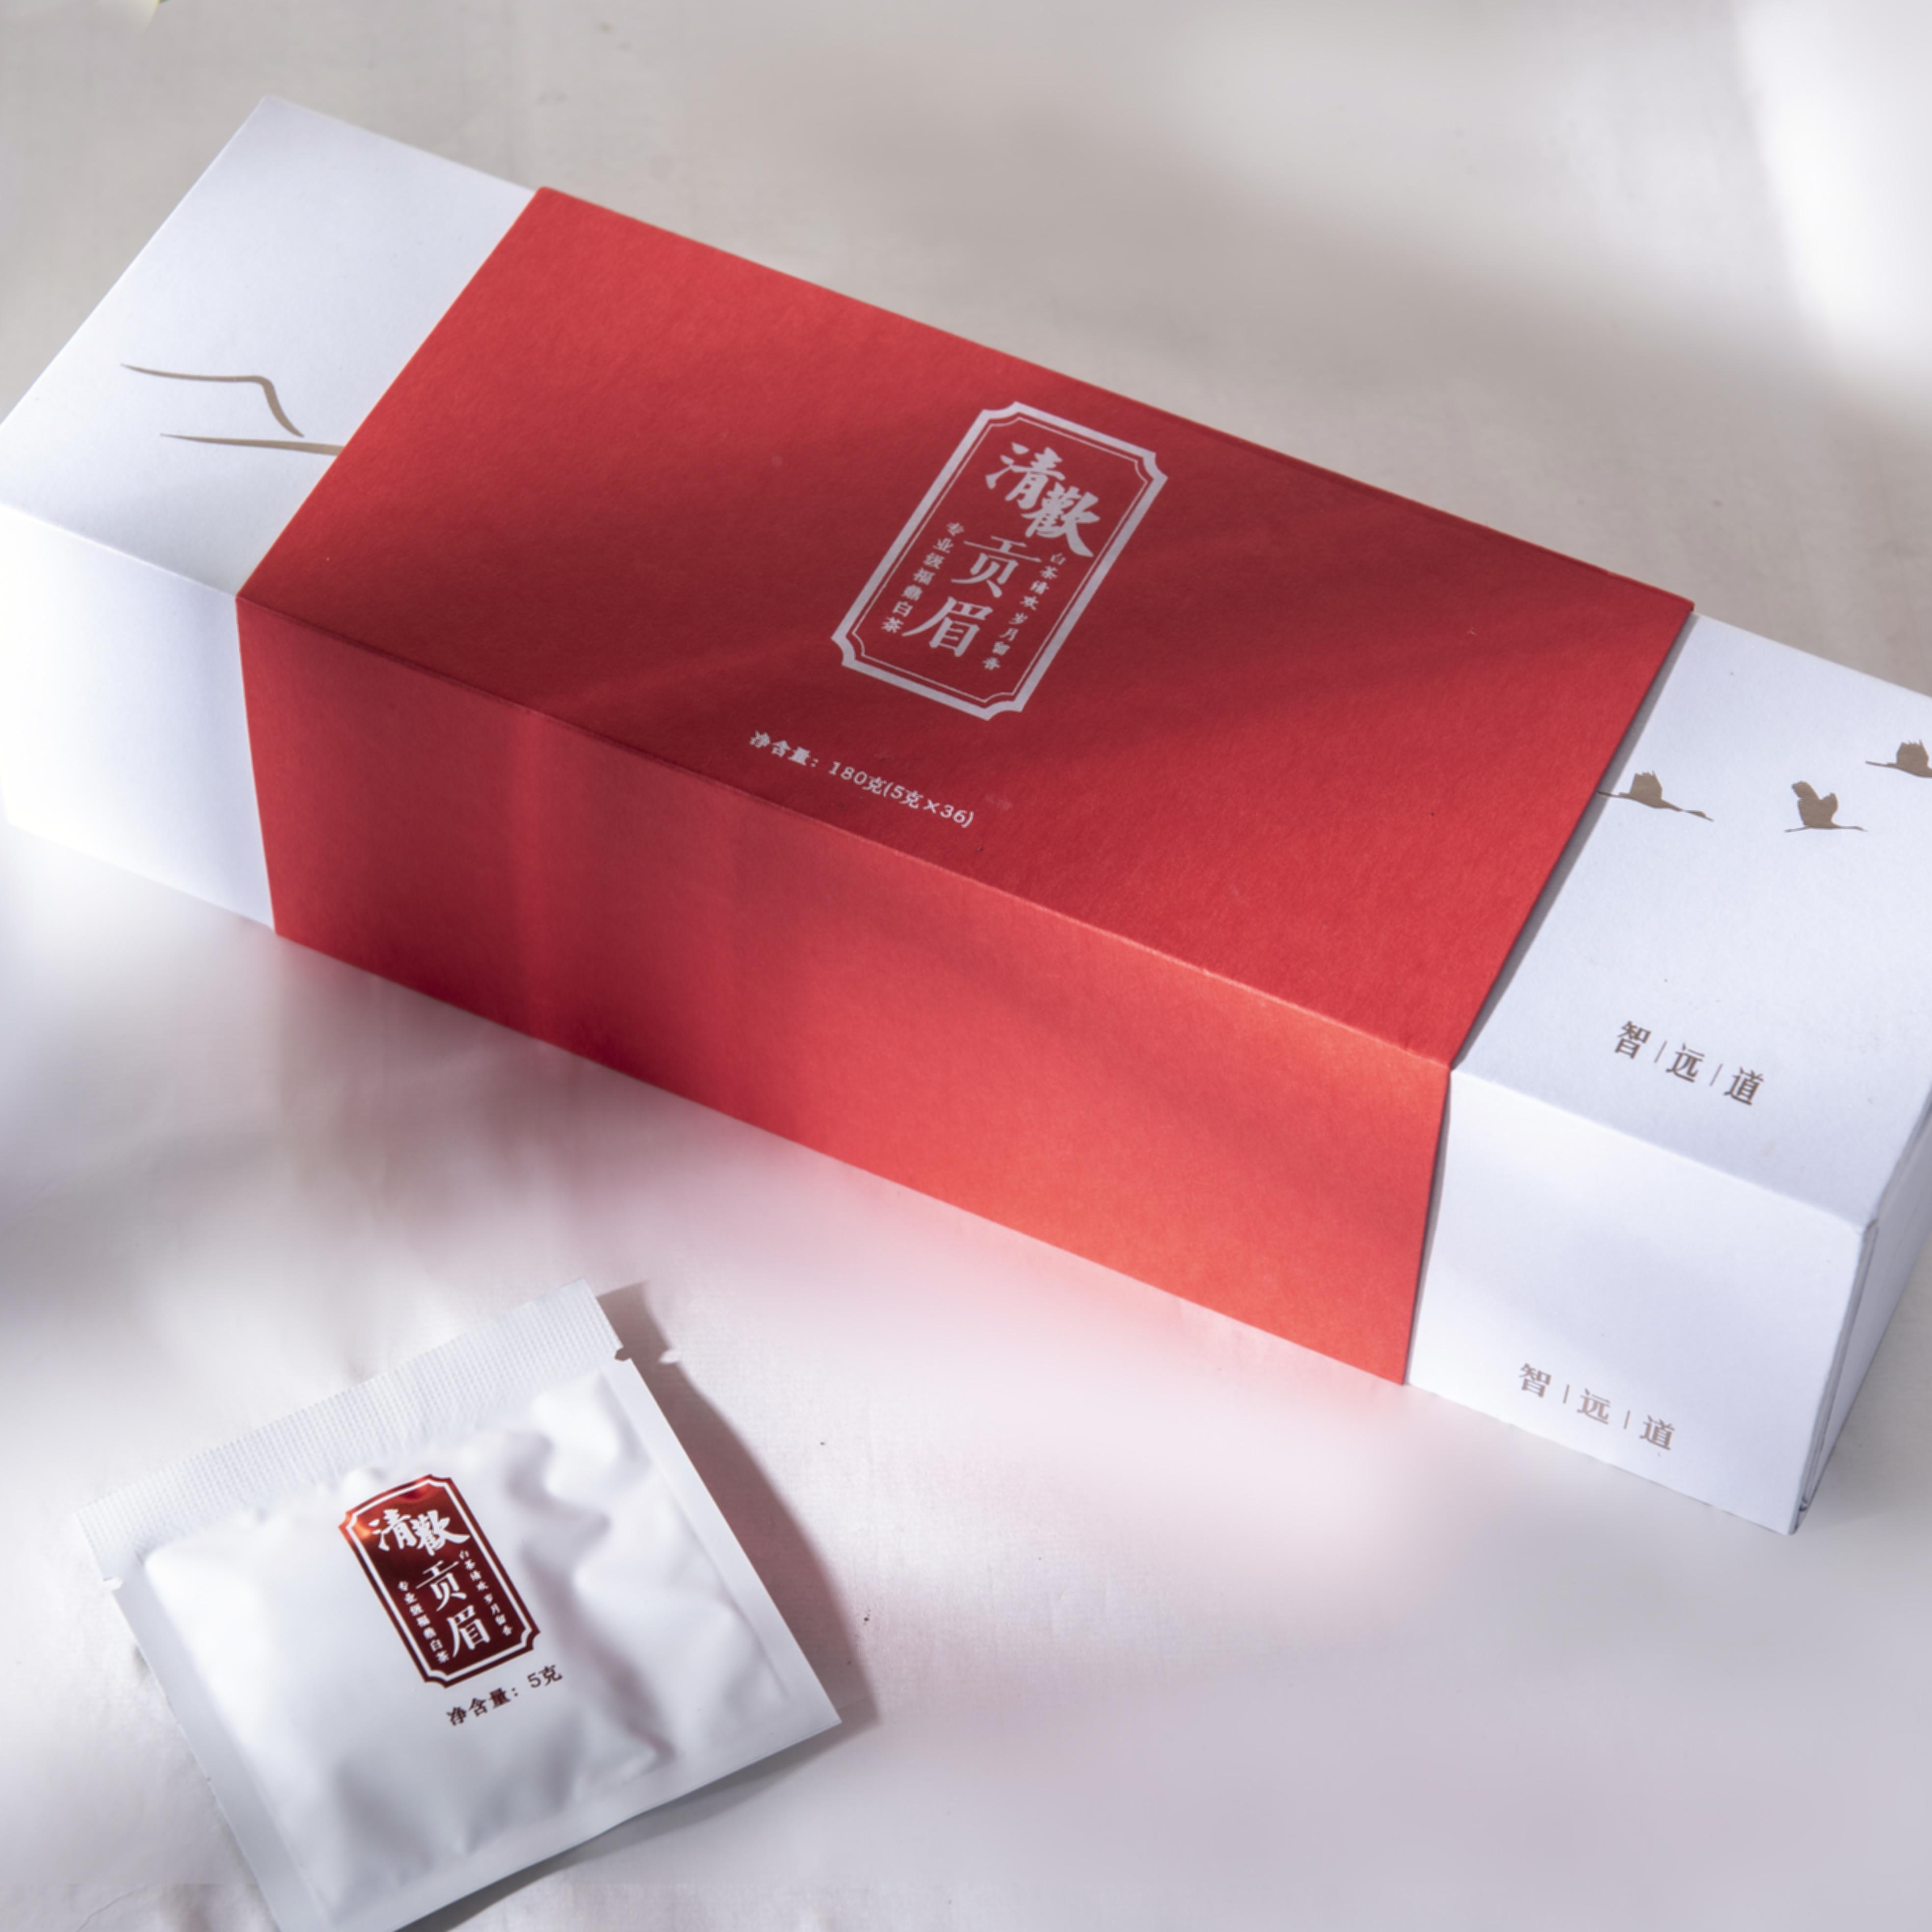 福鼎白茶2017年春贡眉 单片独立包装便携 礼盒装180g